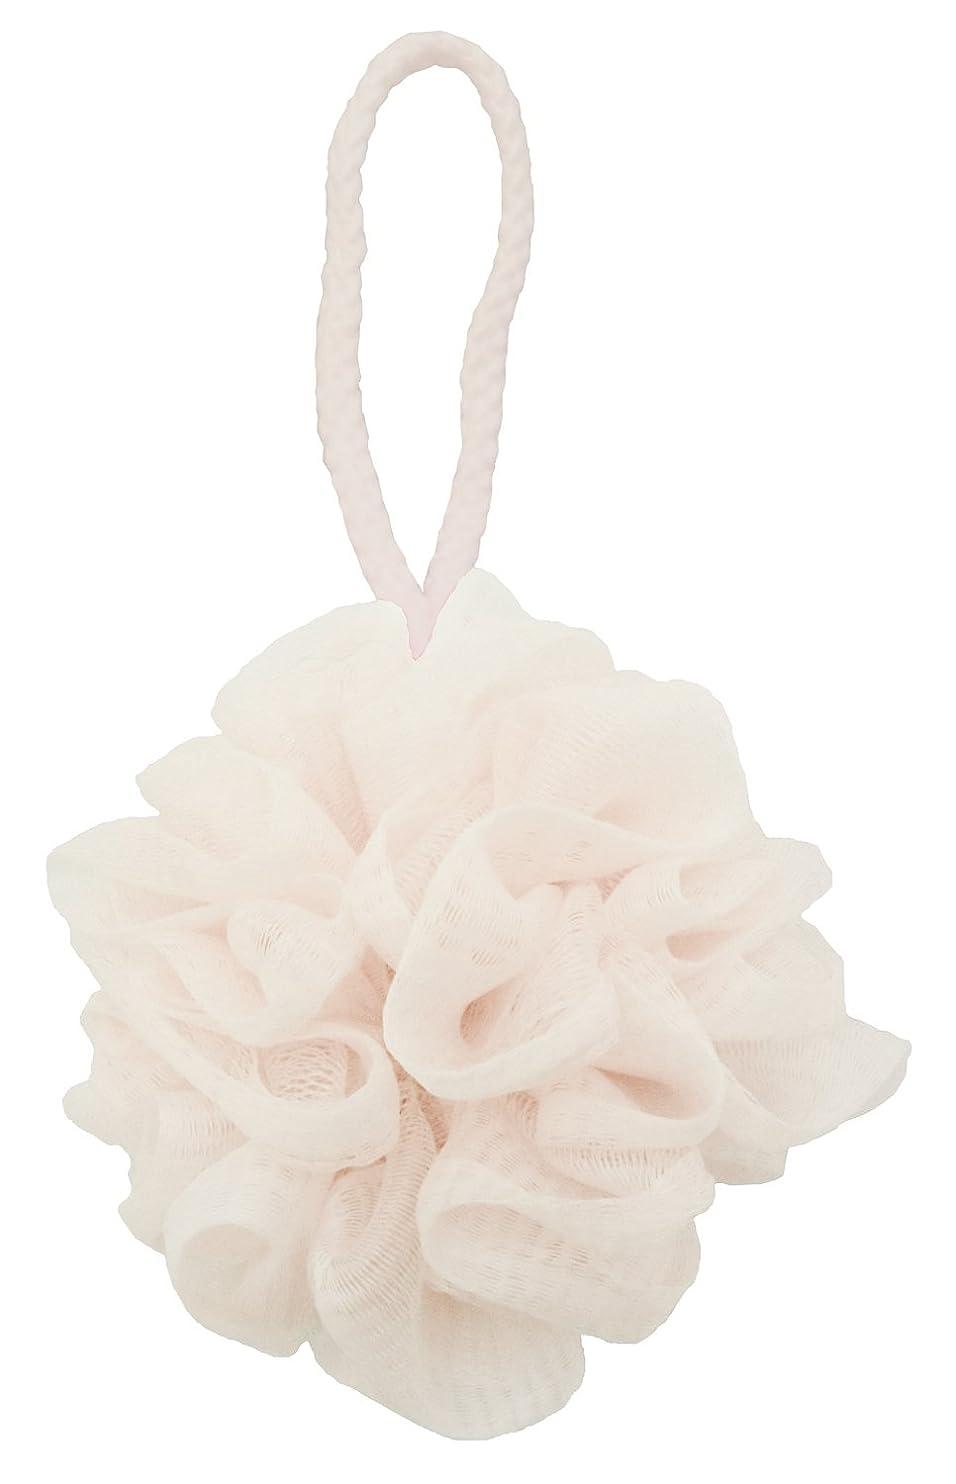 洞窟横やりすぎセント?ローレ 泡立てネット 泡肌美人 ふわわん 花形 ホワイト SL262